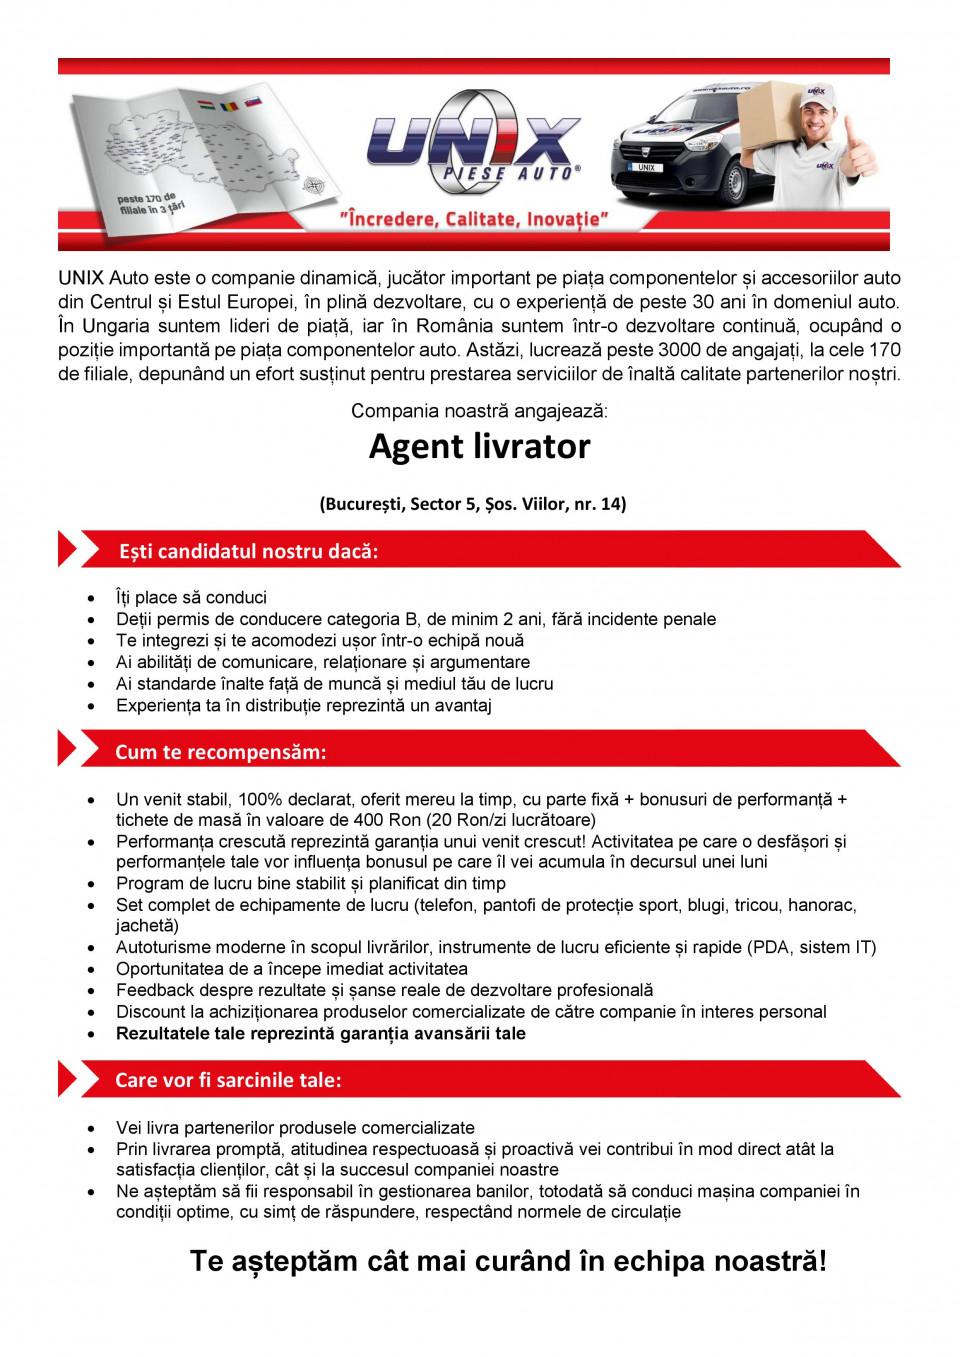 Agent livrator – Bucuresti (Sector 5)